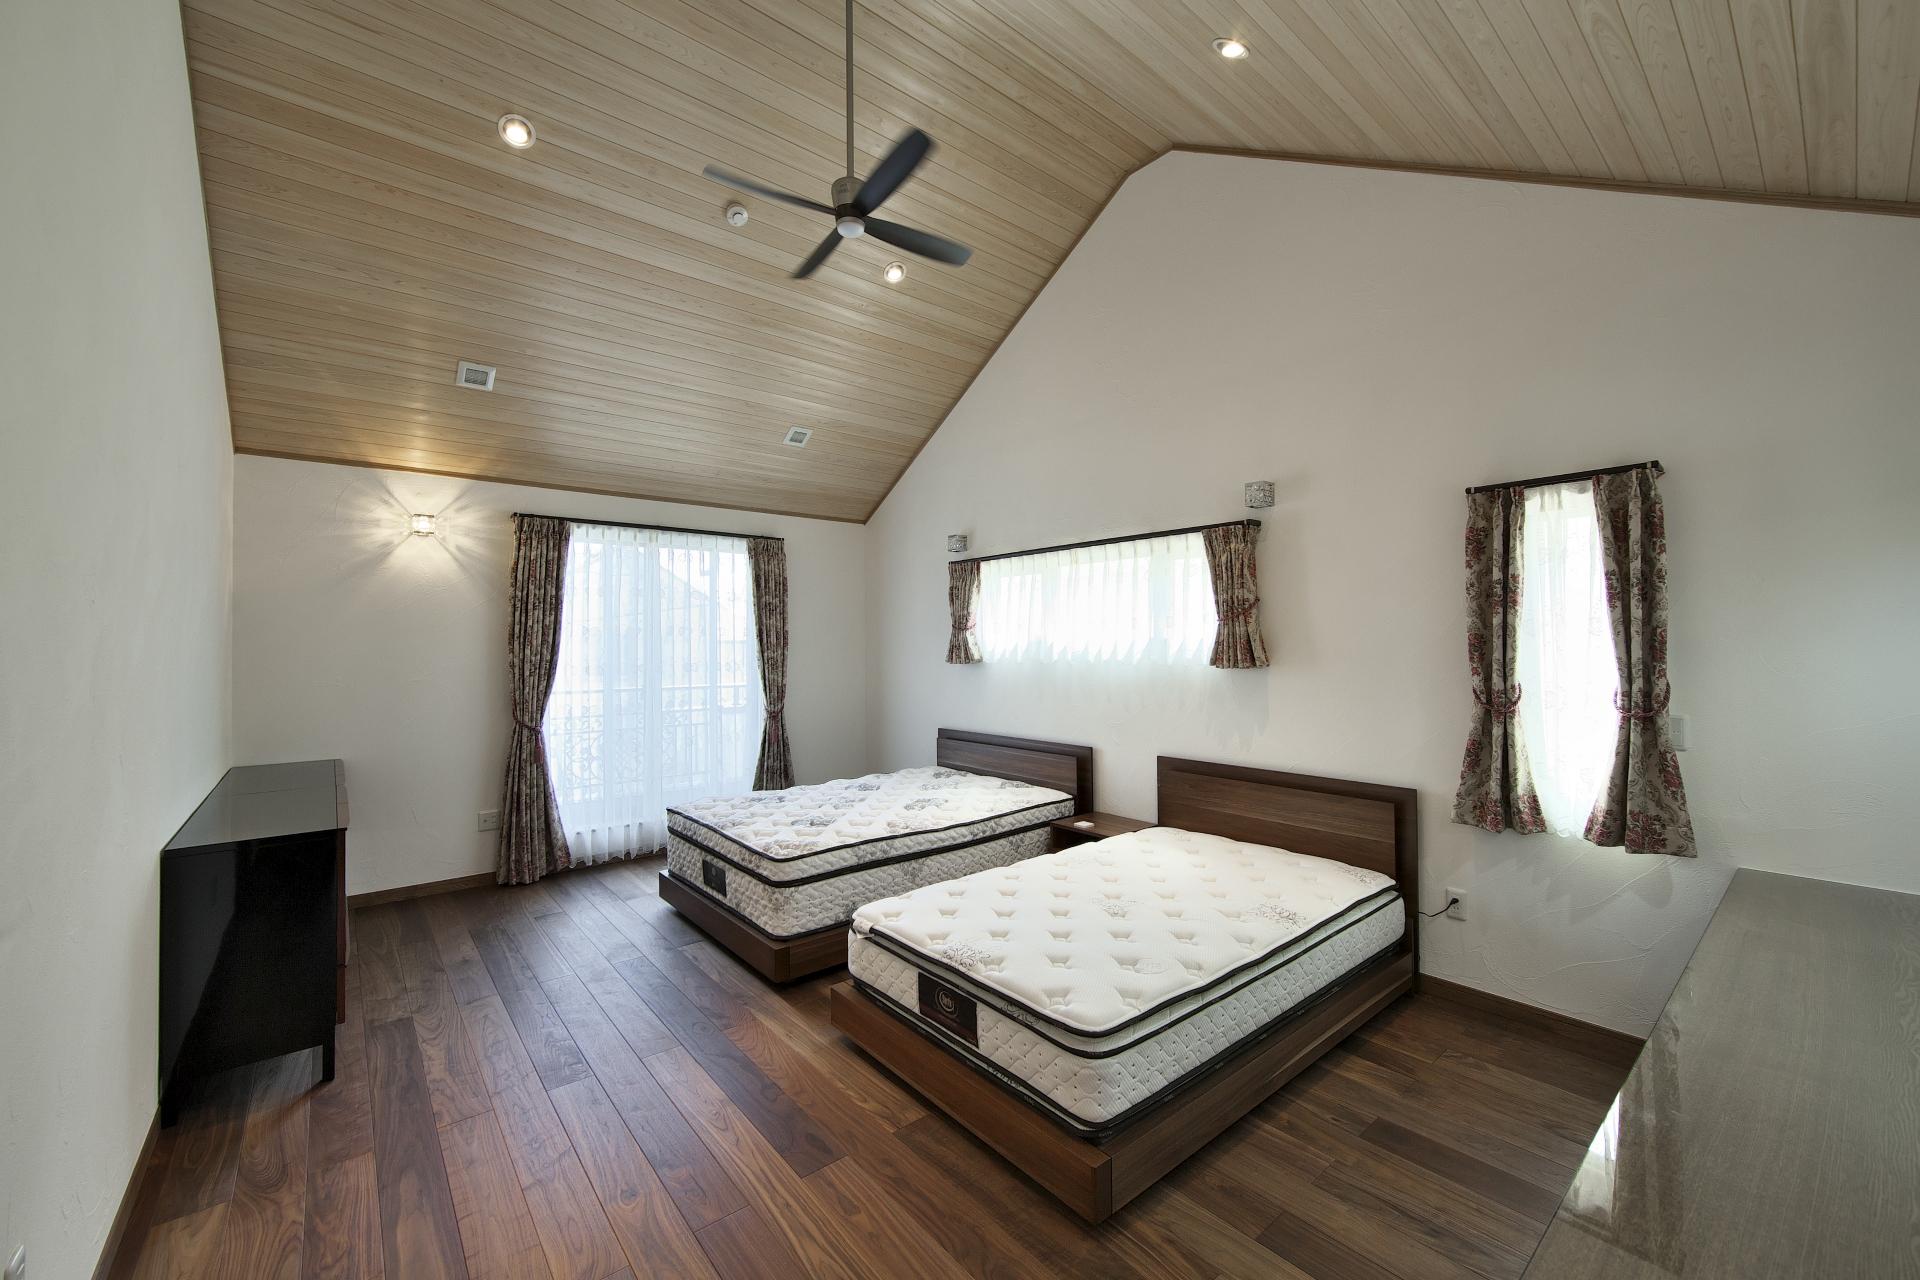 創住環【自然素材、省エネ、高級住宅】高いところで3m40cmほどある寝室。ウォールナットの床と節の無い無垢の檜の天井が高級感を演出する